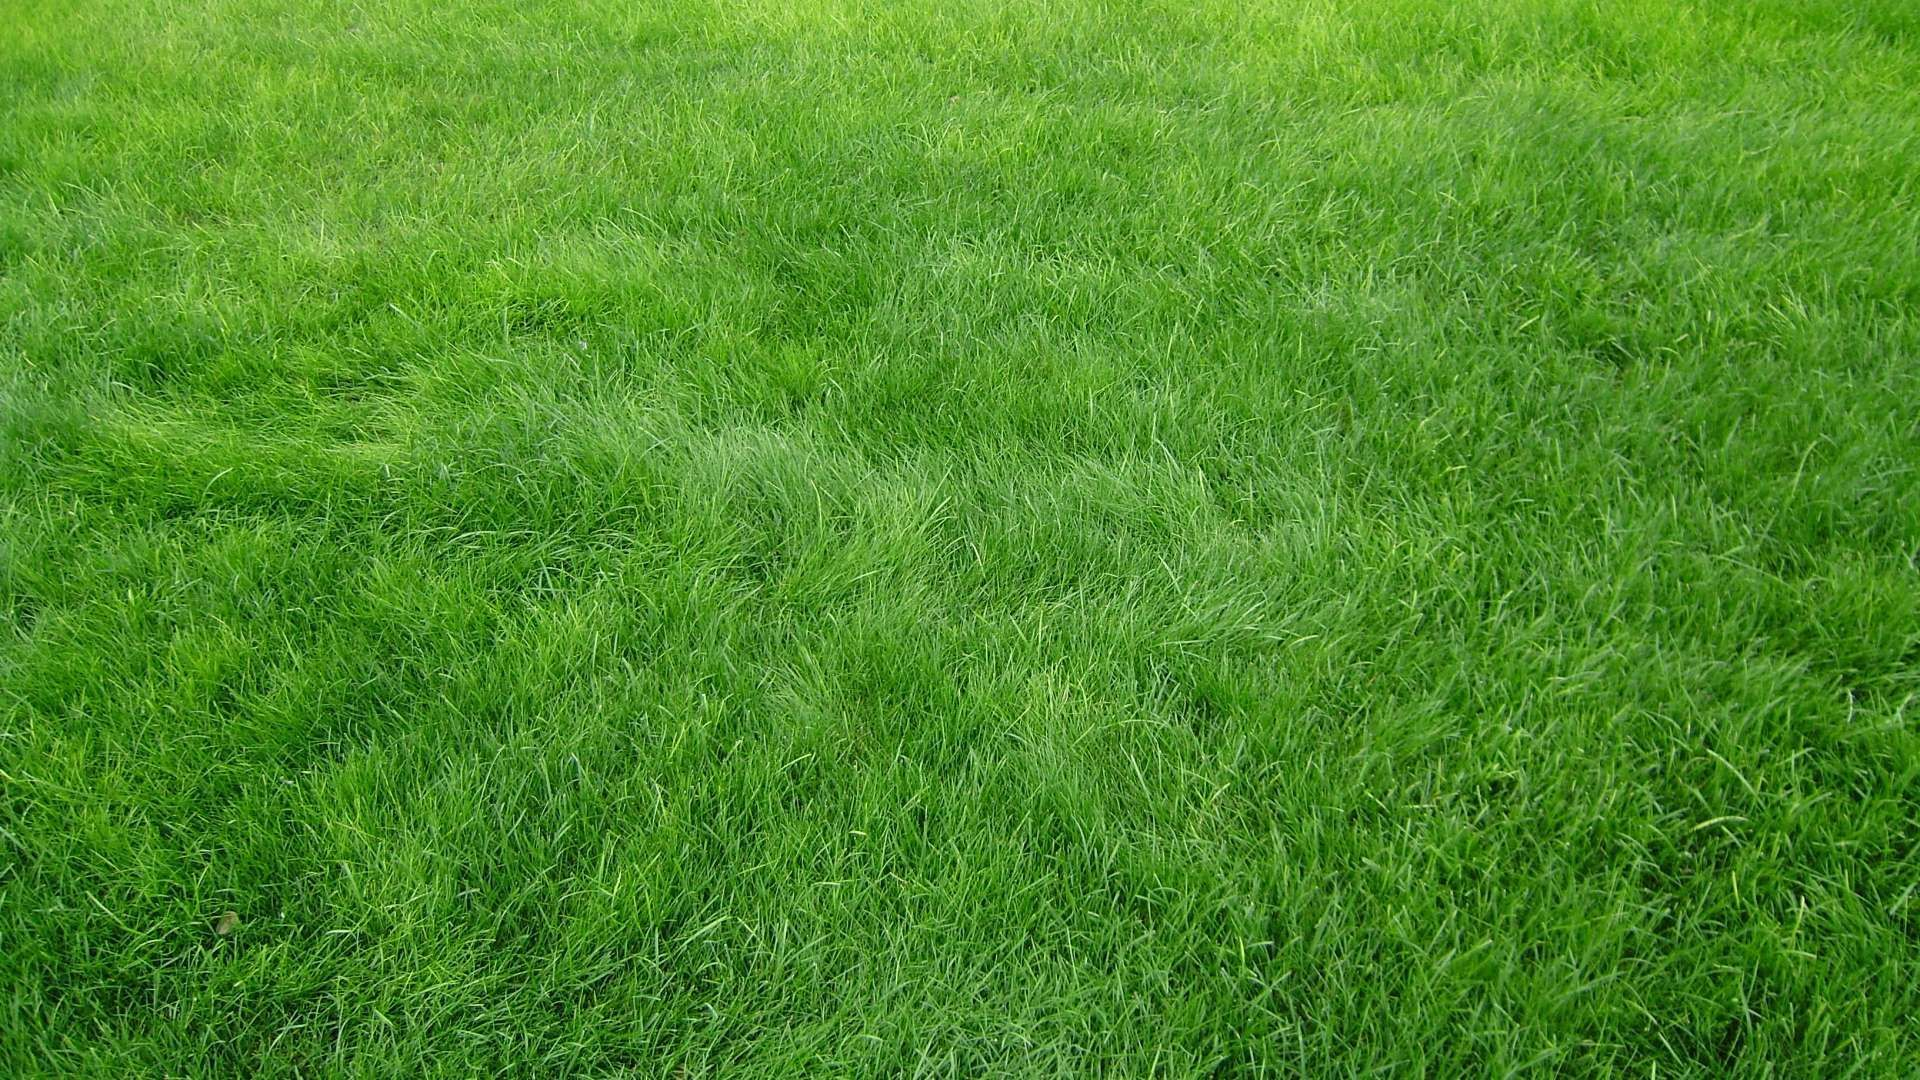 Ultra Hd Wallpaper Flower 4k Wallpaper Grain Grass Field Green